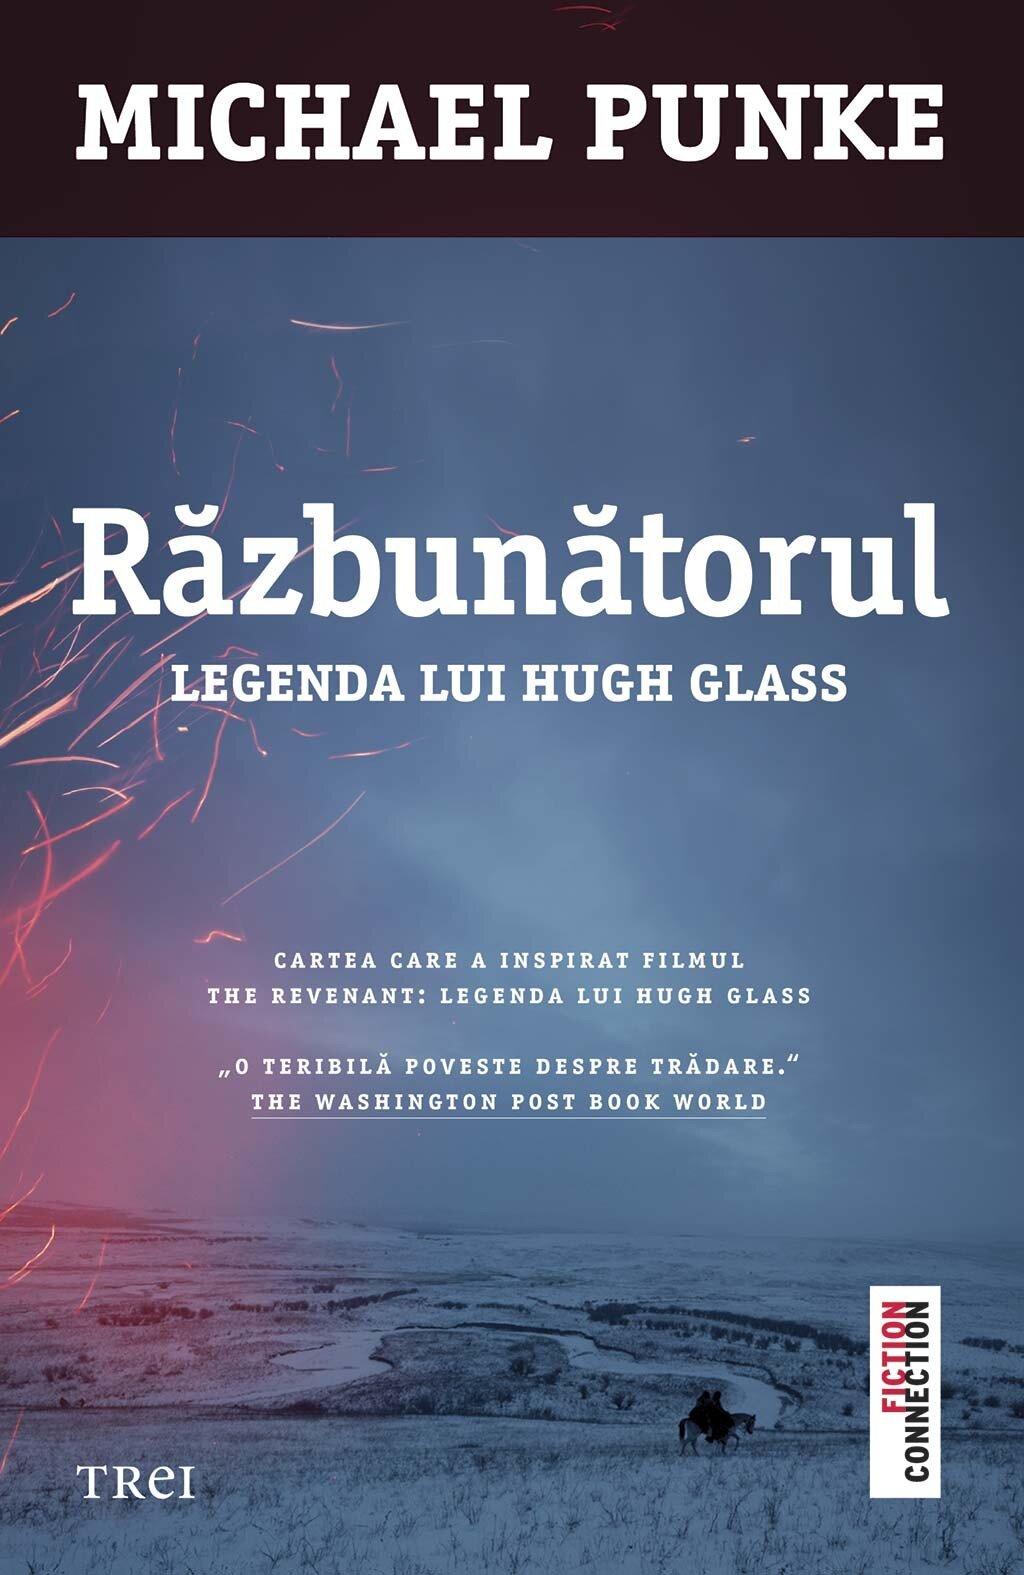 Razbunatorul. Legenda lui Hugh Glass PDF (Download eBook)